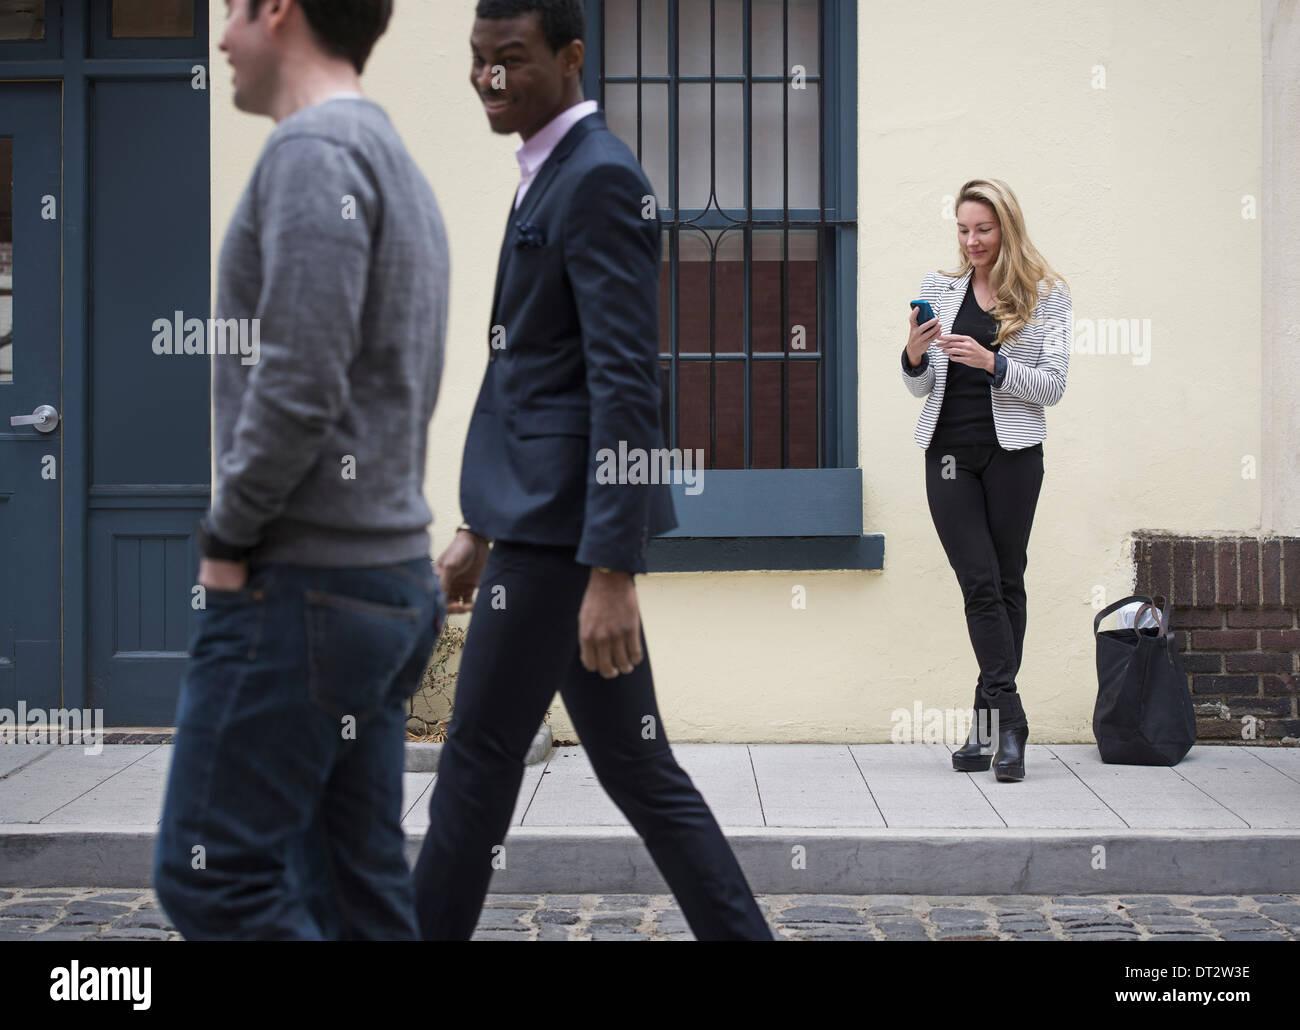 Les jeunes à l'extérieur sur les rues de la ville au printemps une femme sur son propre passé et deux hommes marcher sur la rue pavée Photo Stock